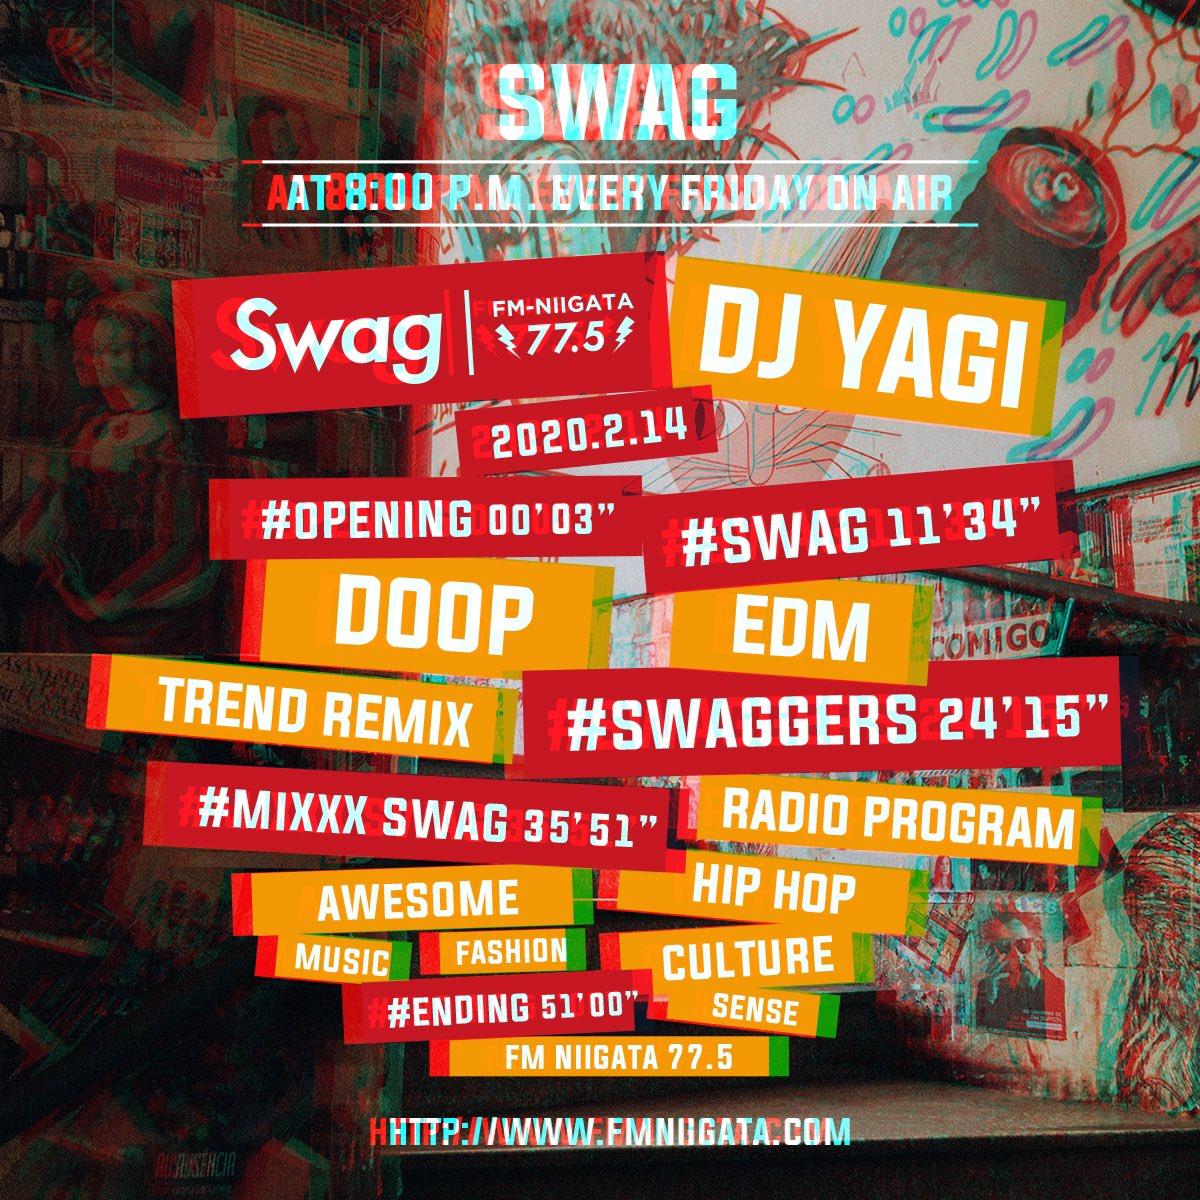 毎週金曜日は😎📻『Swag』今夜8時からOA02.14Swag #097DJ YAGI & WAPLAN 新曲 番組では毎週リスナーの皆からのメールや『Swag』なリクエストもお待ちしています😊📩番組オフィシャルHPradikoから全国聴けます🎙